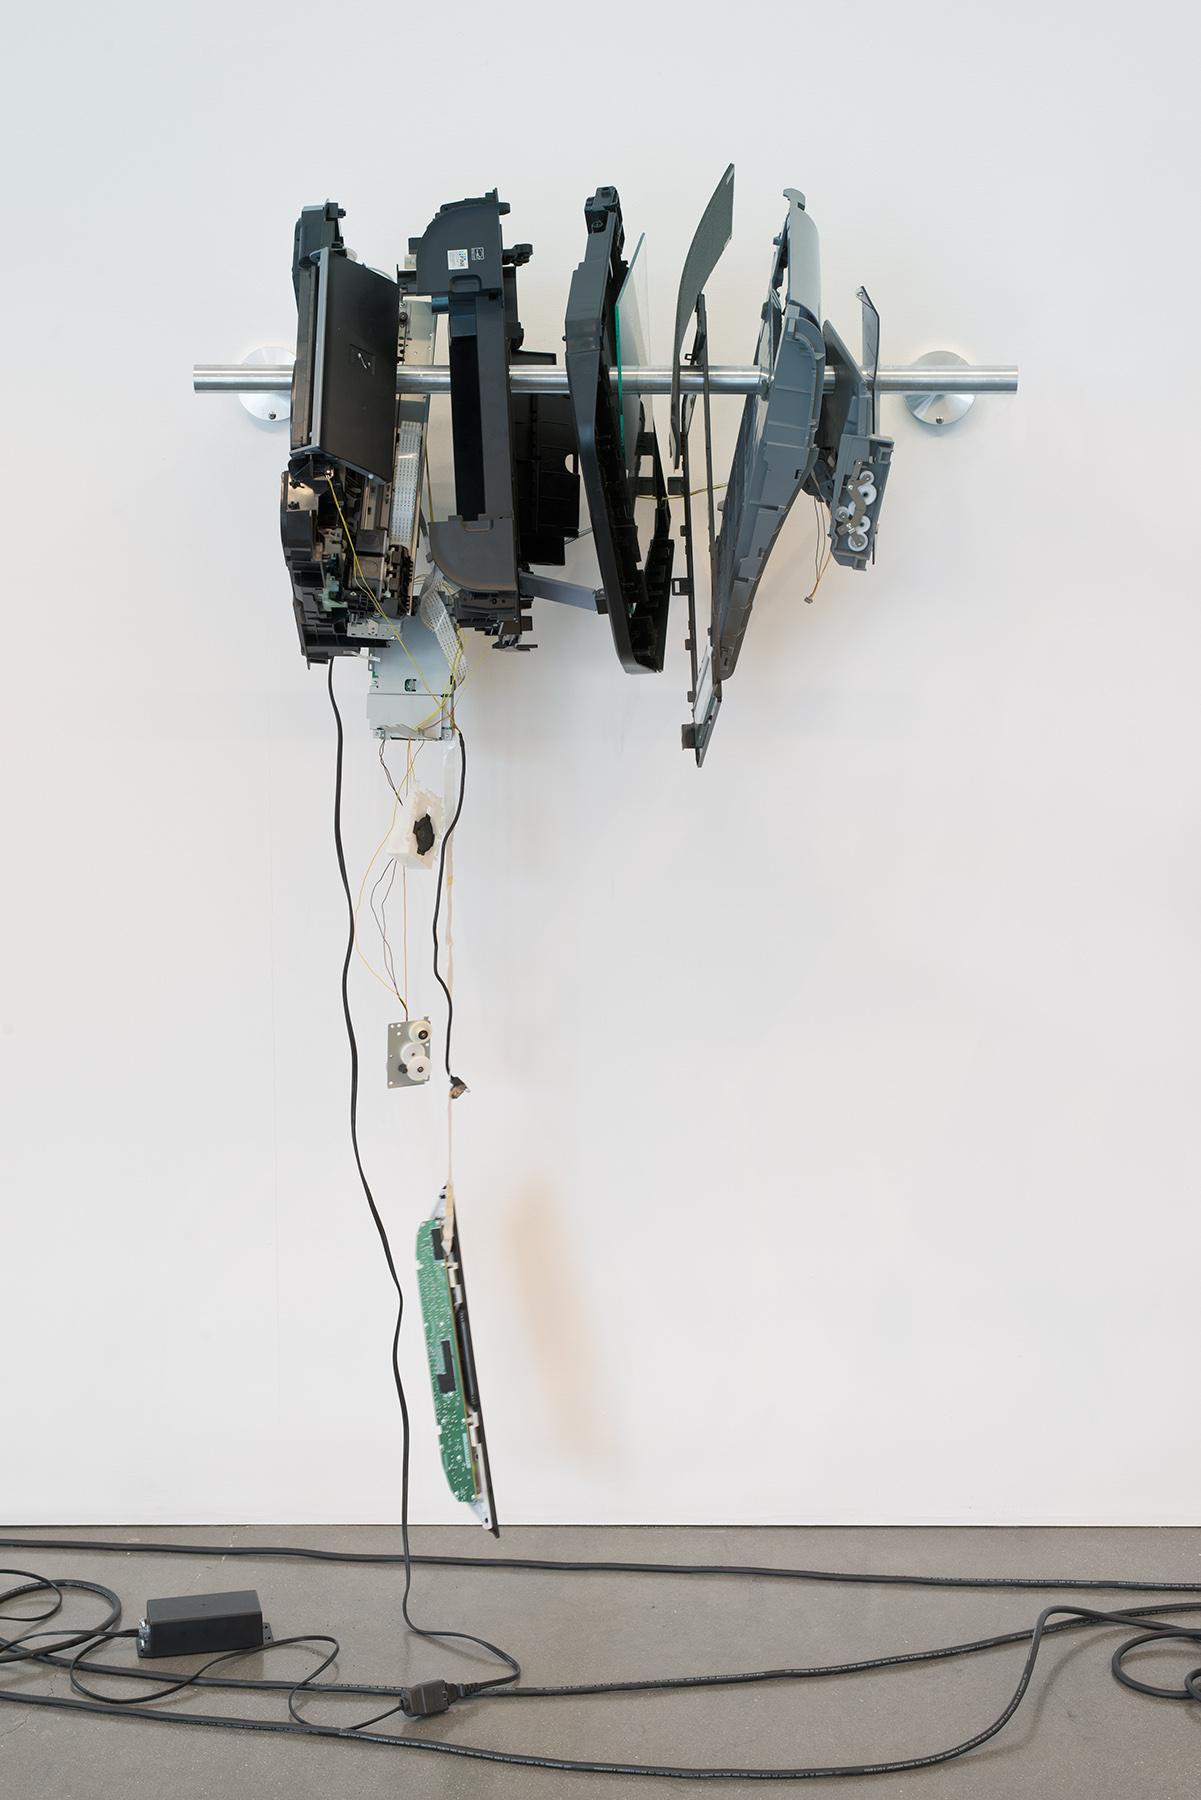 Schreibmachine(<del>Canon MX310 Multifunction Printer</del>)